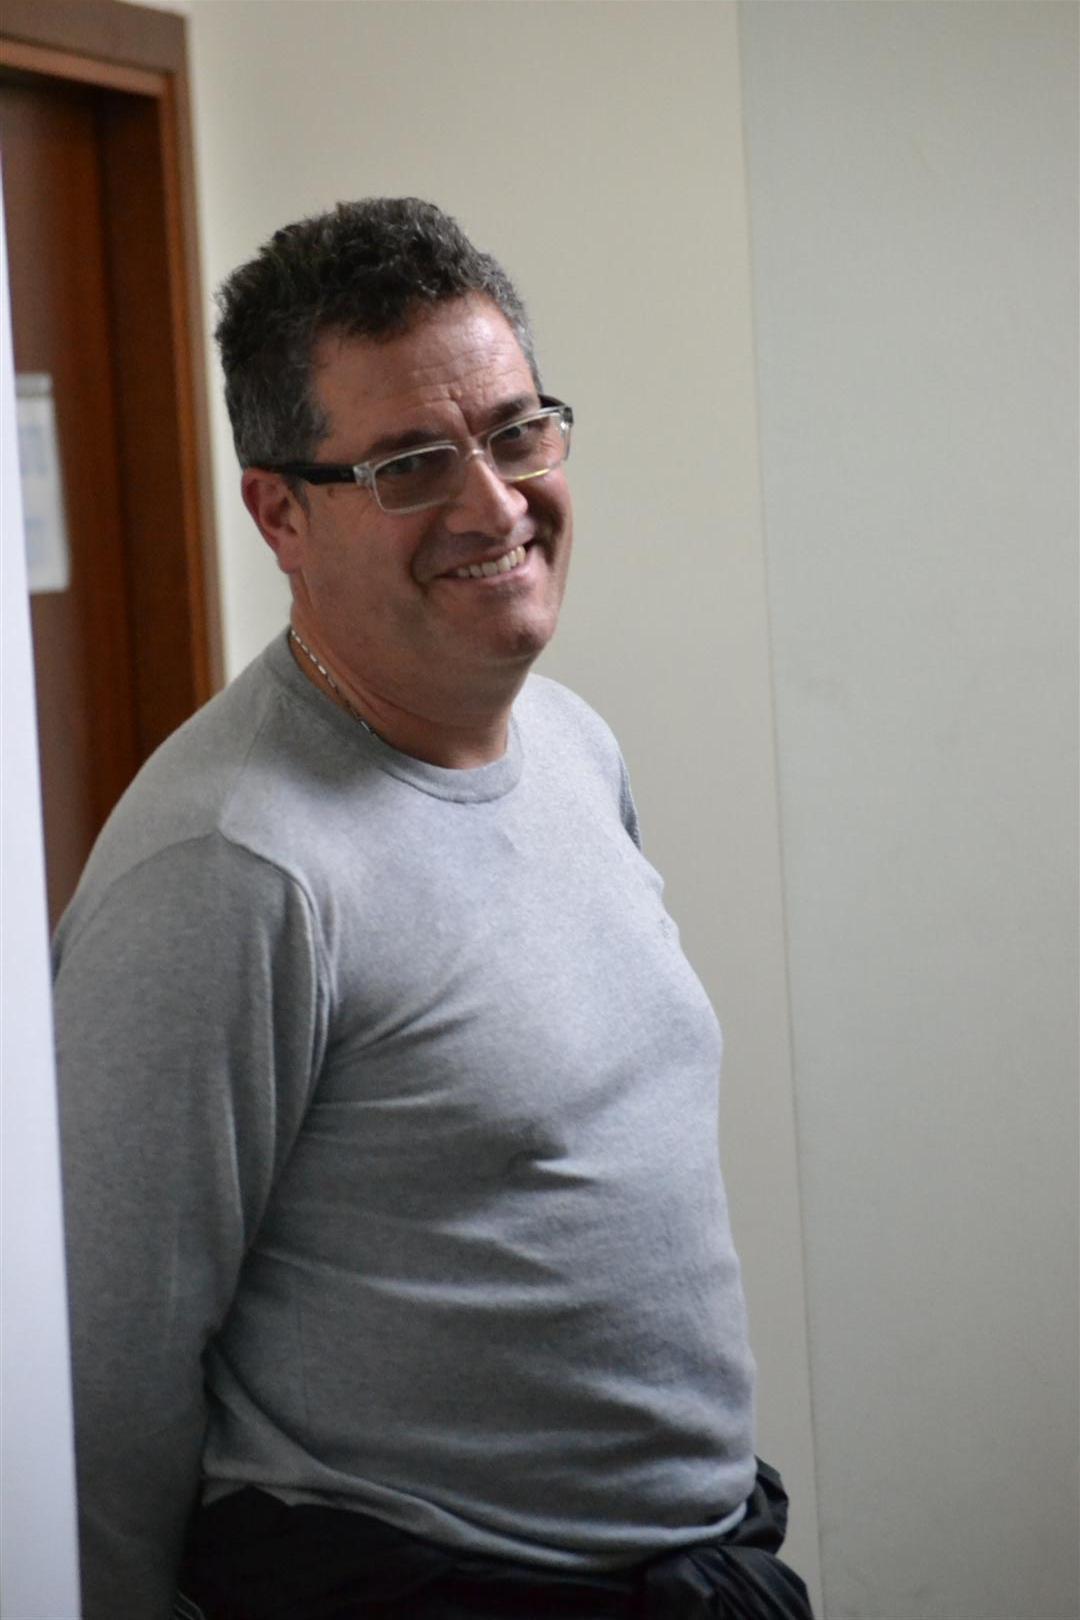 Gianni Stasio Carlisport Ariccia